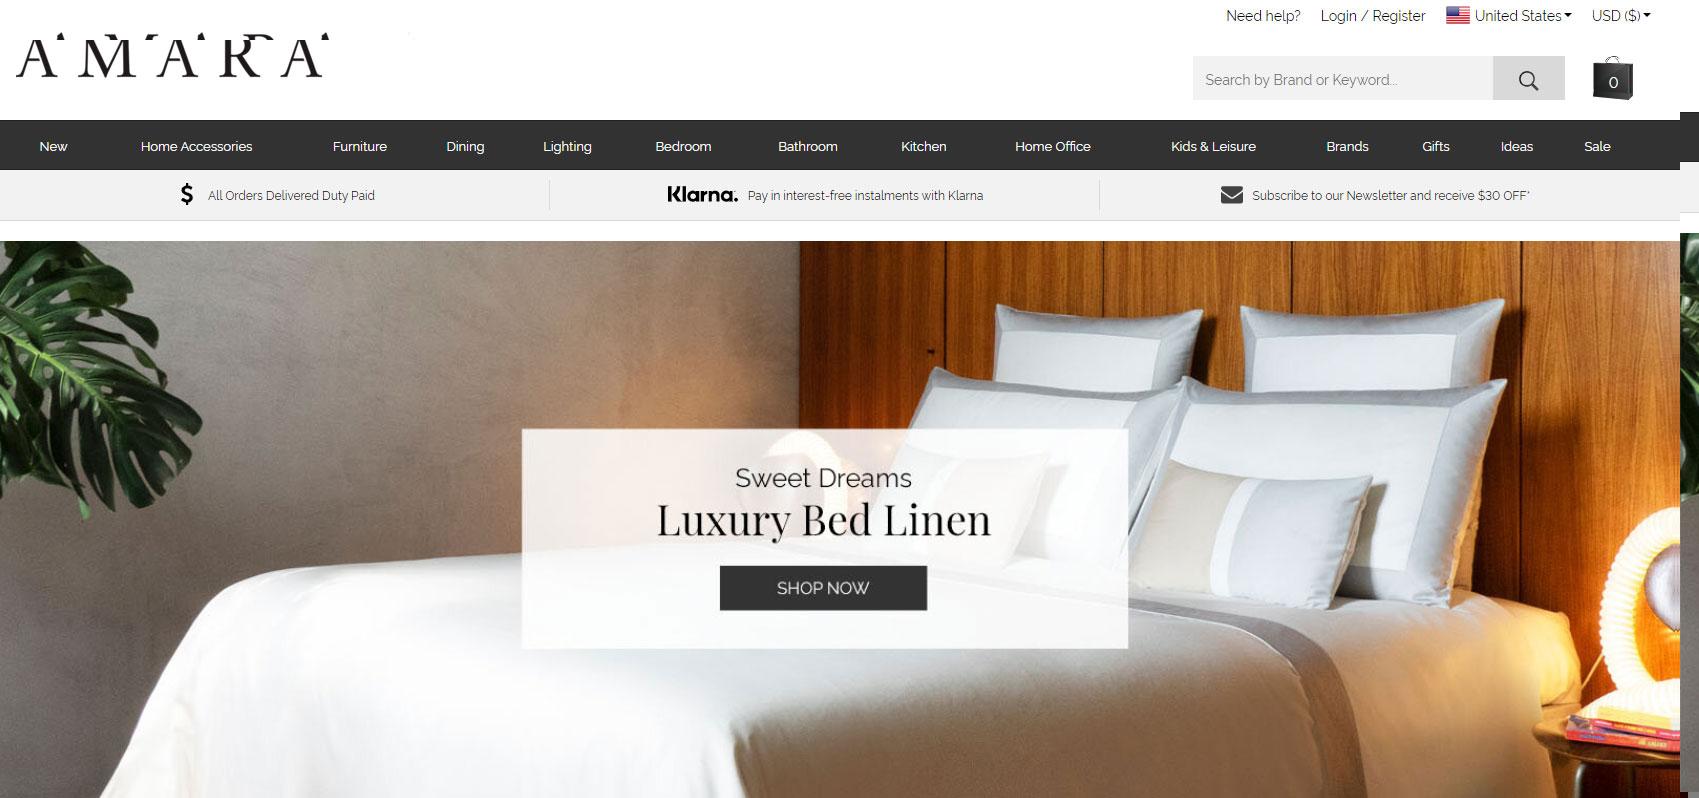 amara luxury home decor online